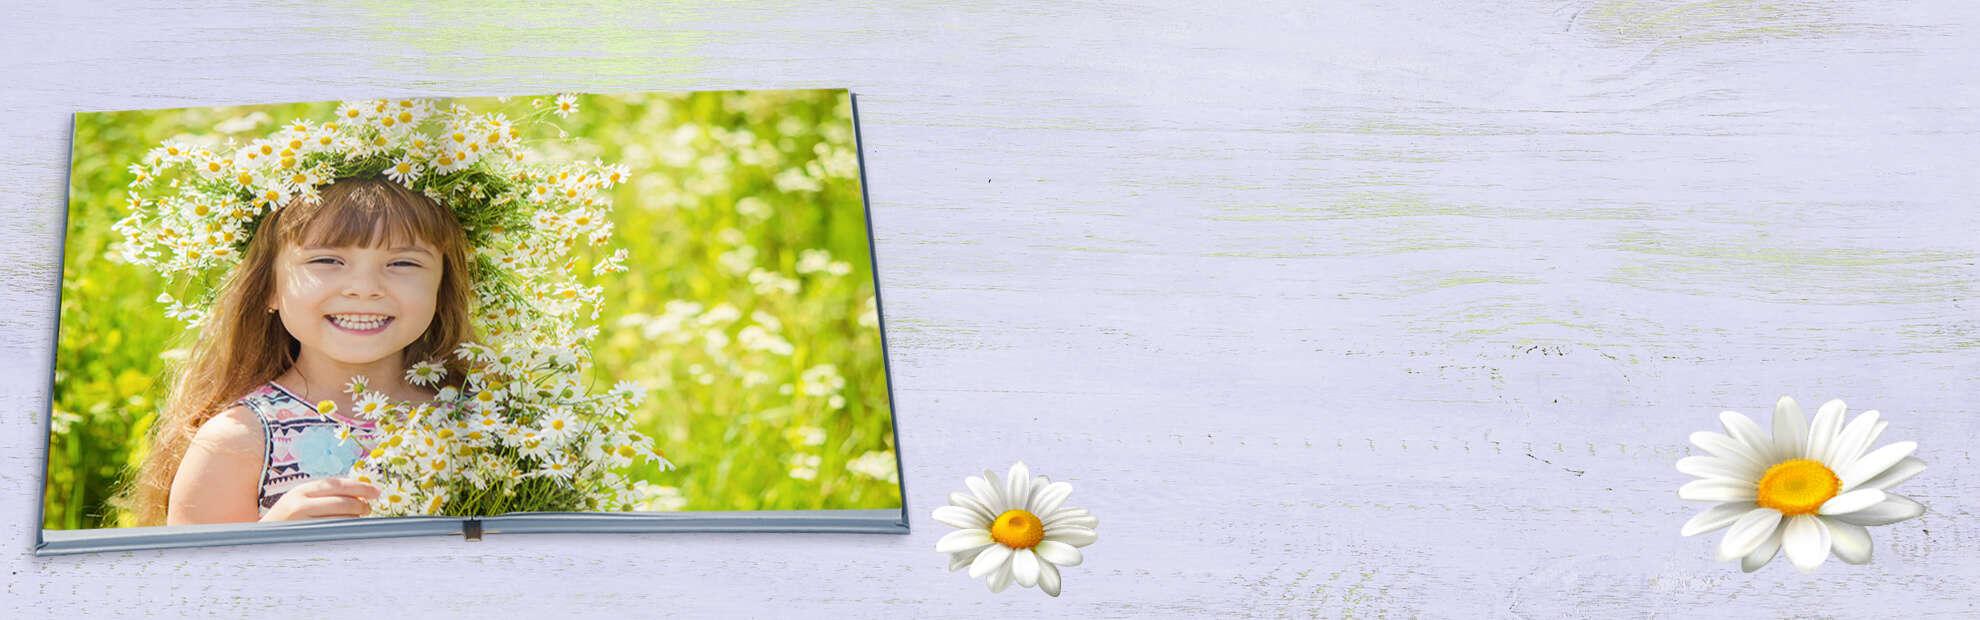 ילדה על רקע פרחים Plana Album's